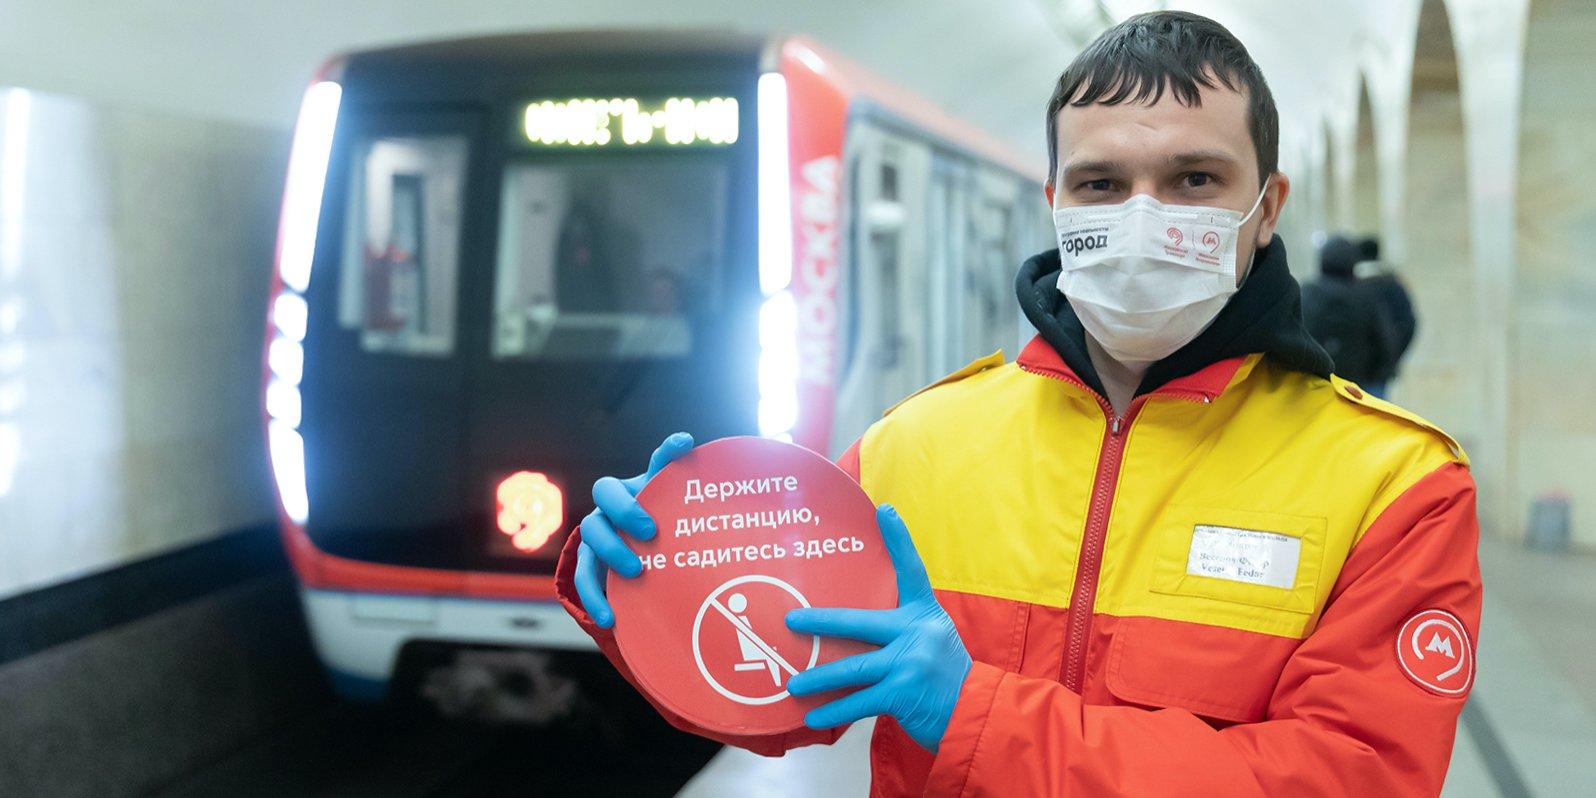 Продажи масок и перчаток в метро Москвы снизились на 70%